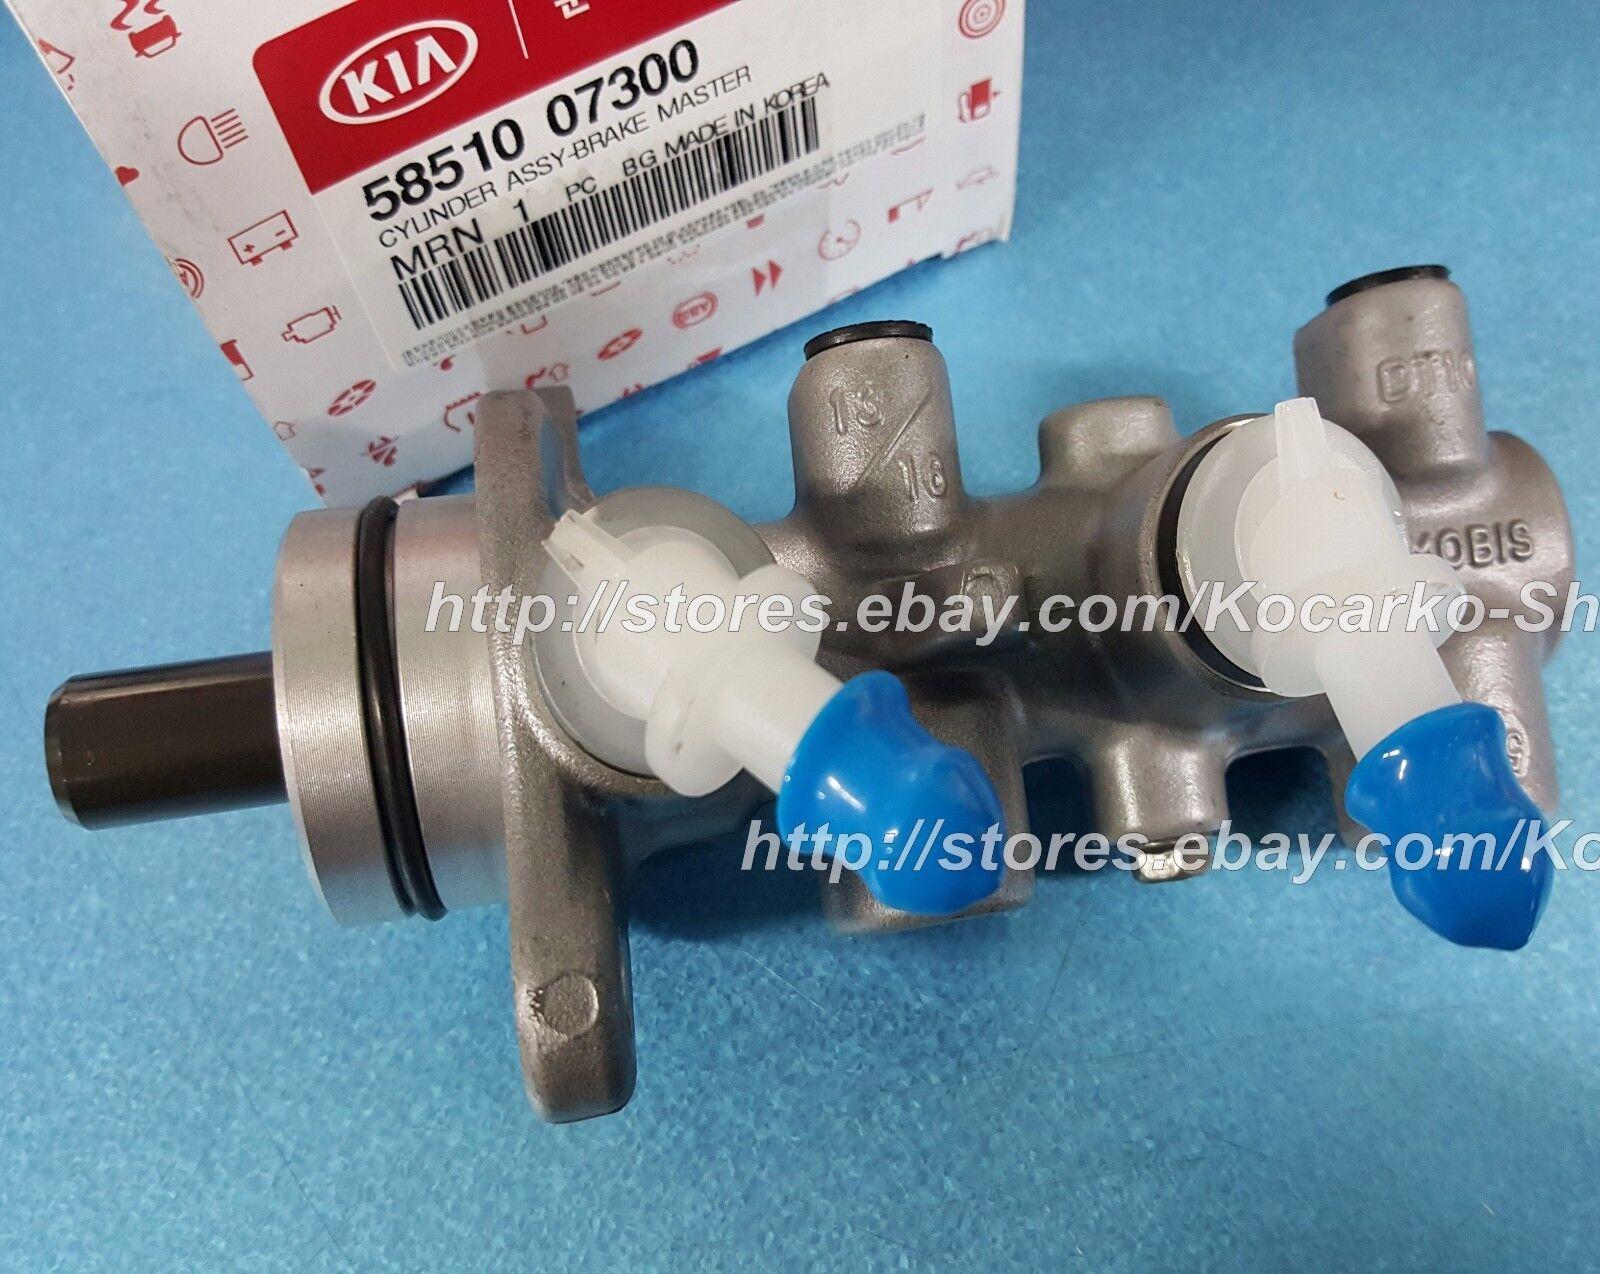 5851007300 Hyundai Cylinder Assybrake Genuine OEM Part | eBay